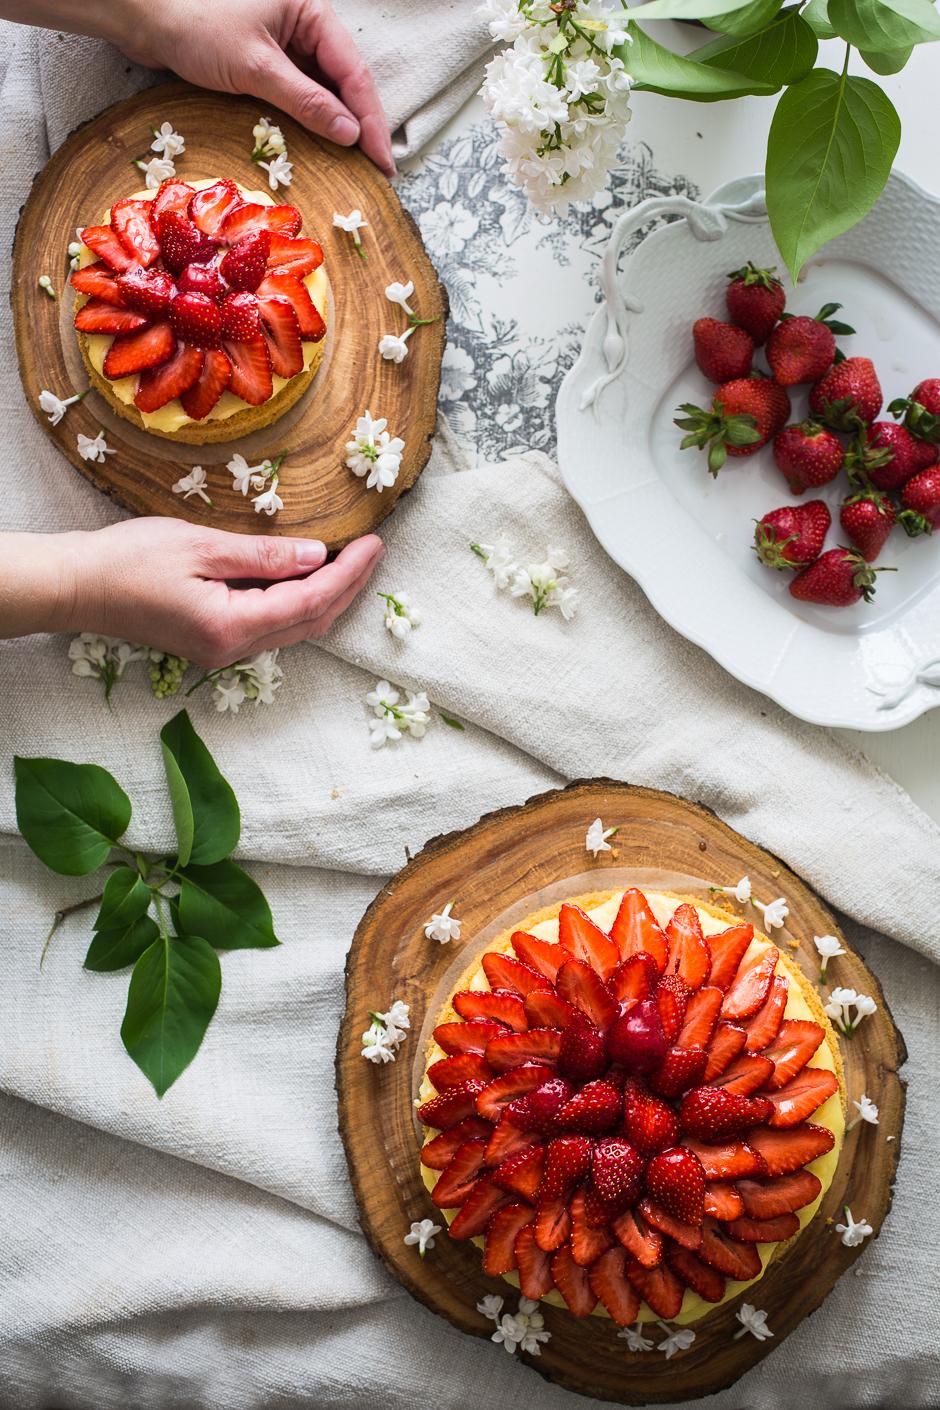 gyümölcstorta az Emlékek Íze konyhájából www.emlekekize.hu